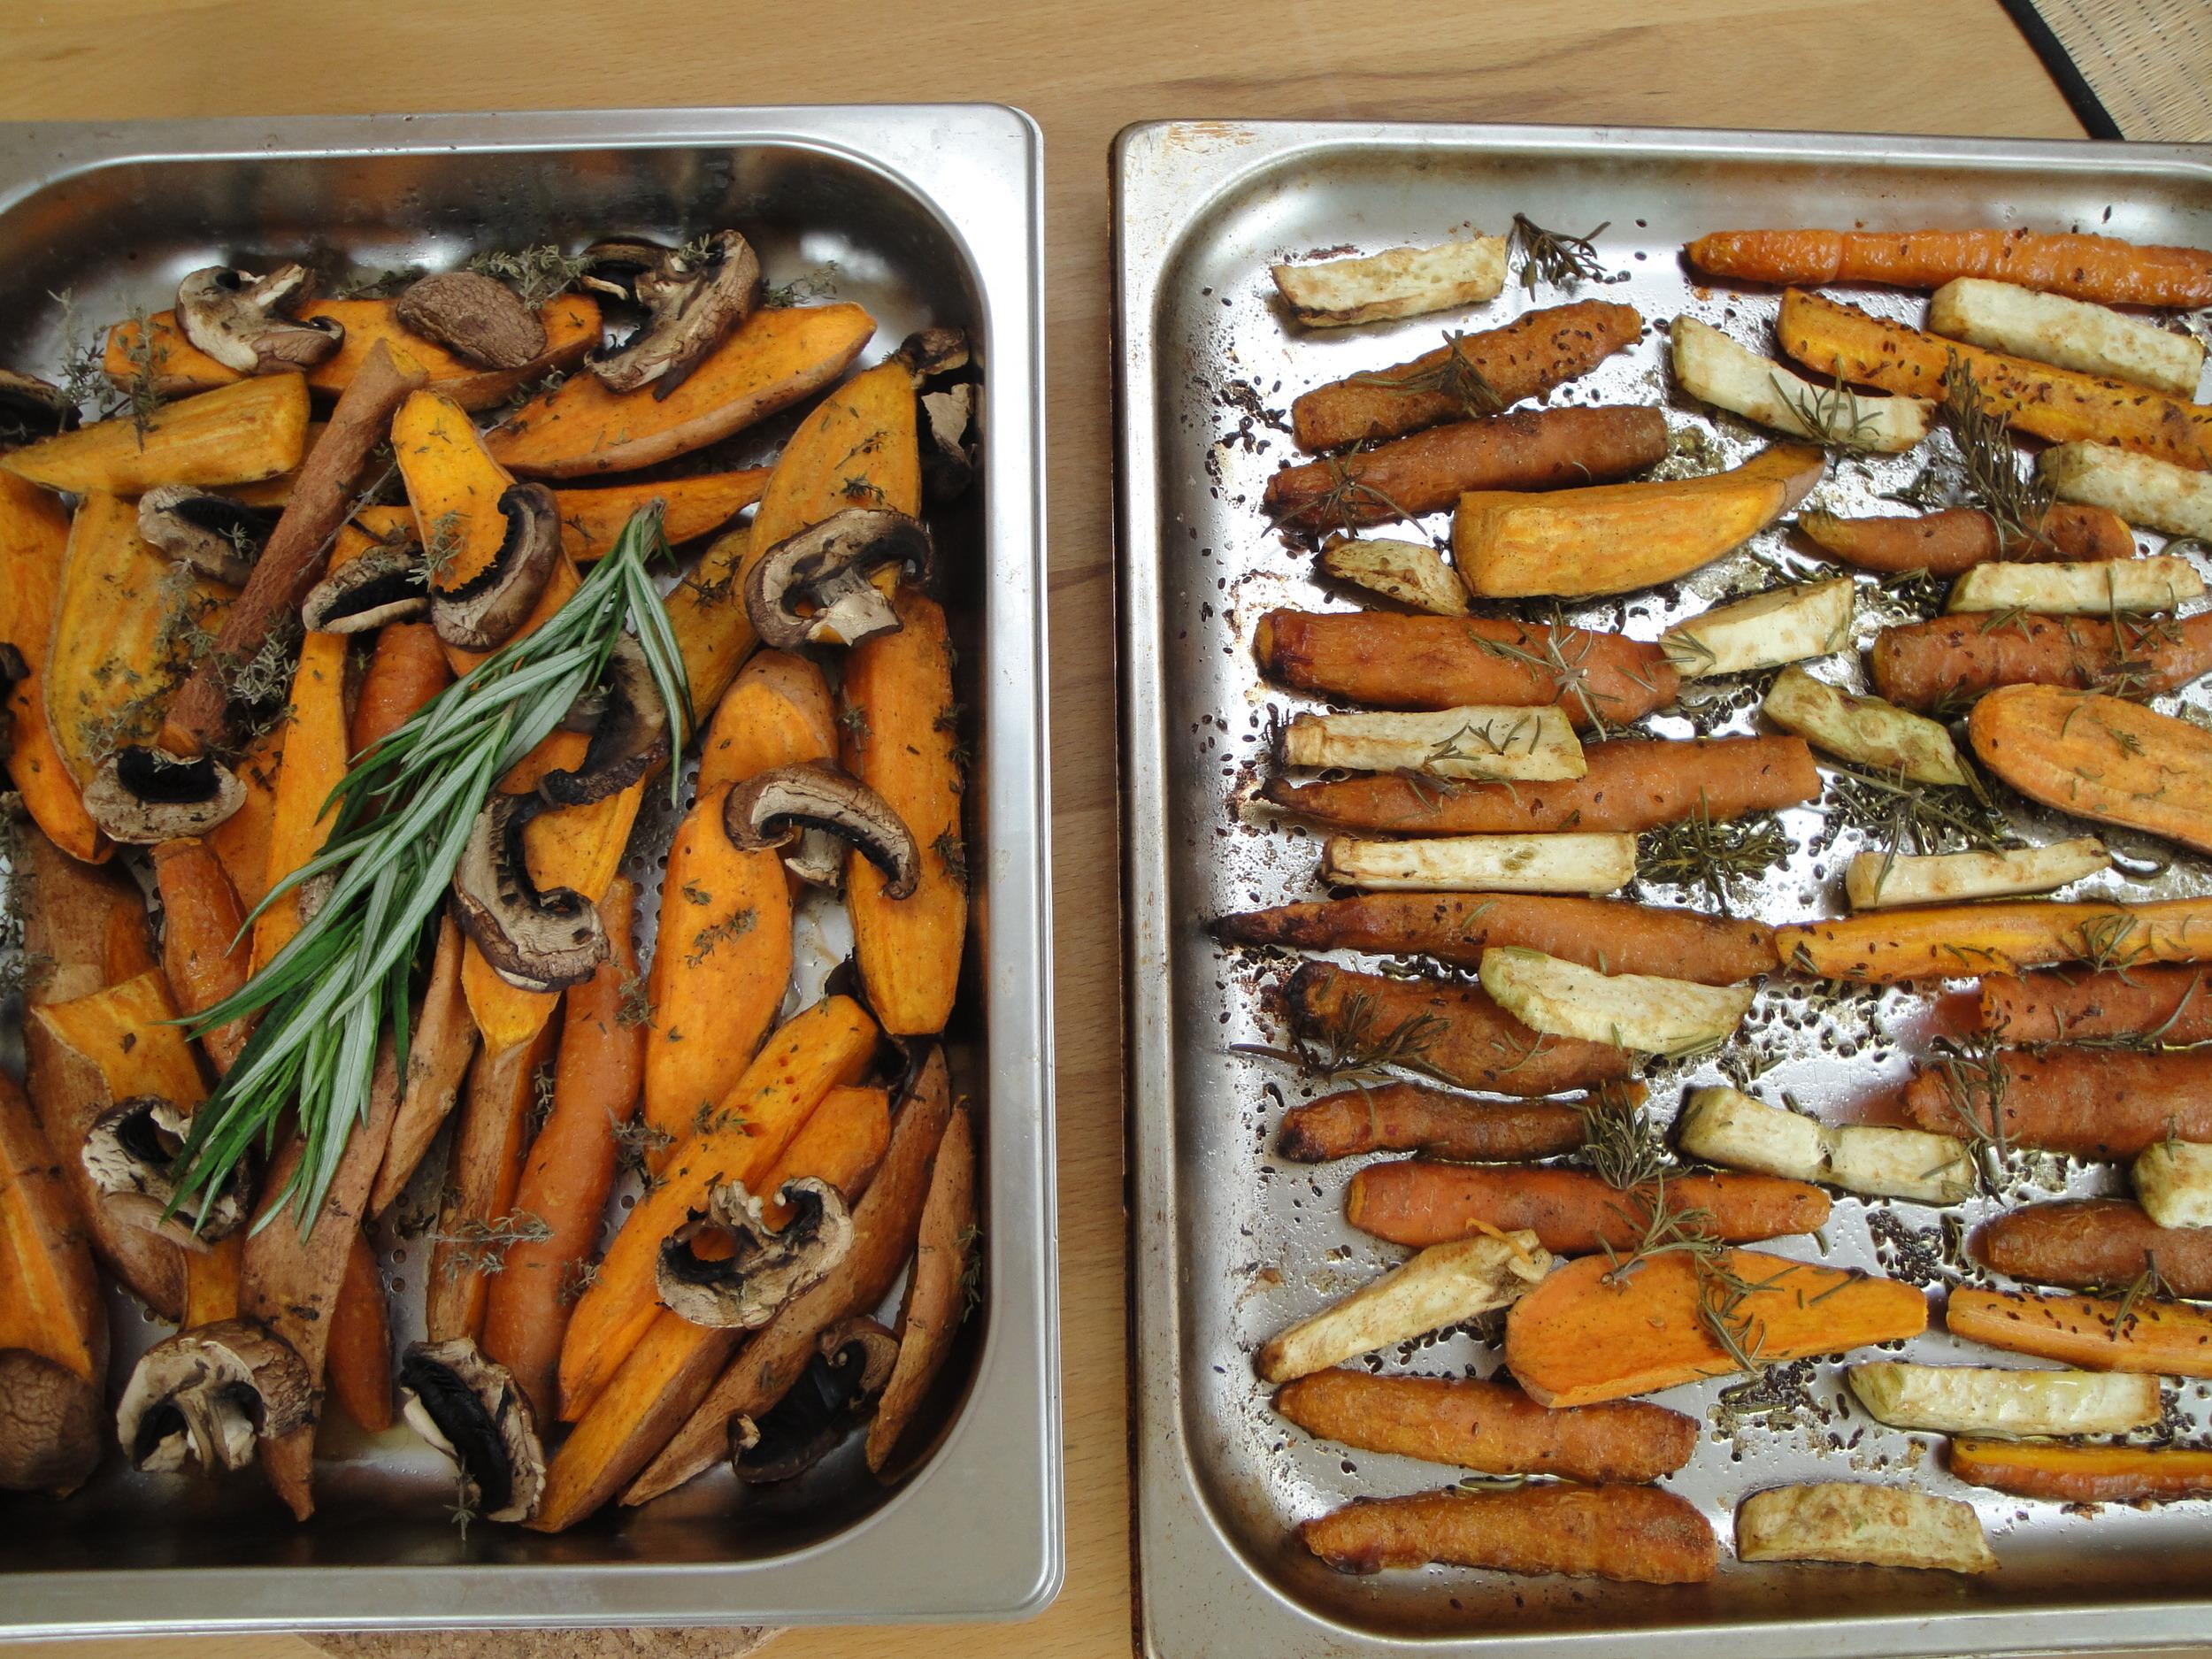 Delicate roasted root veggies in love.